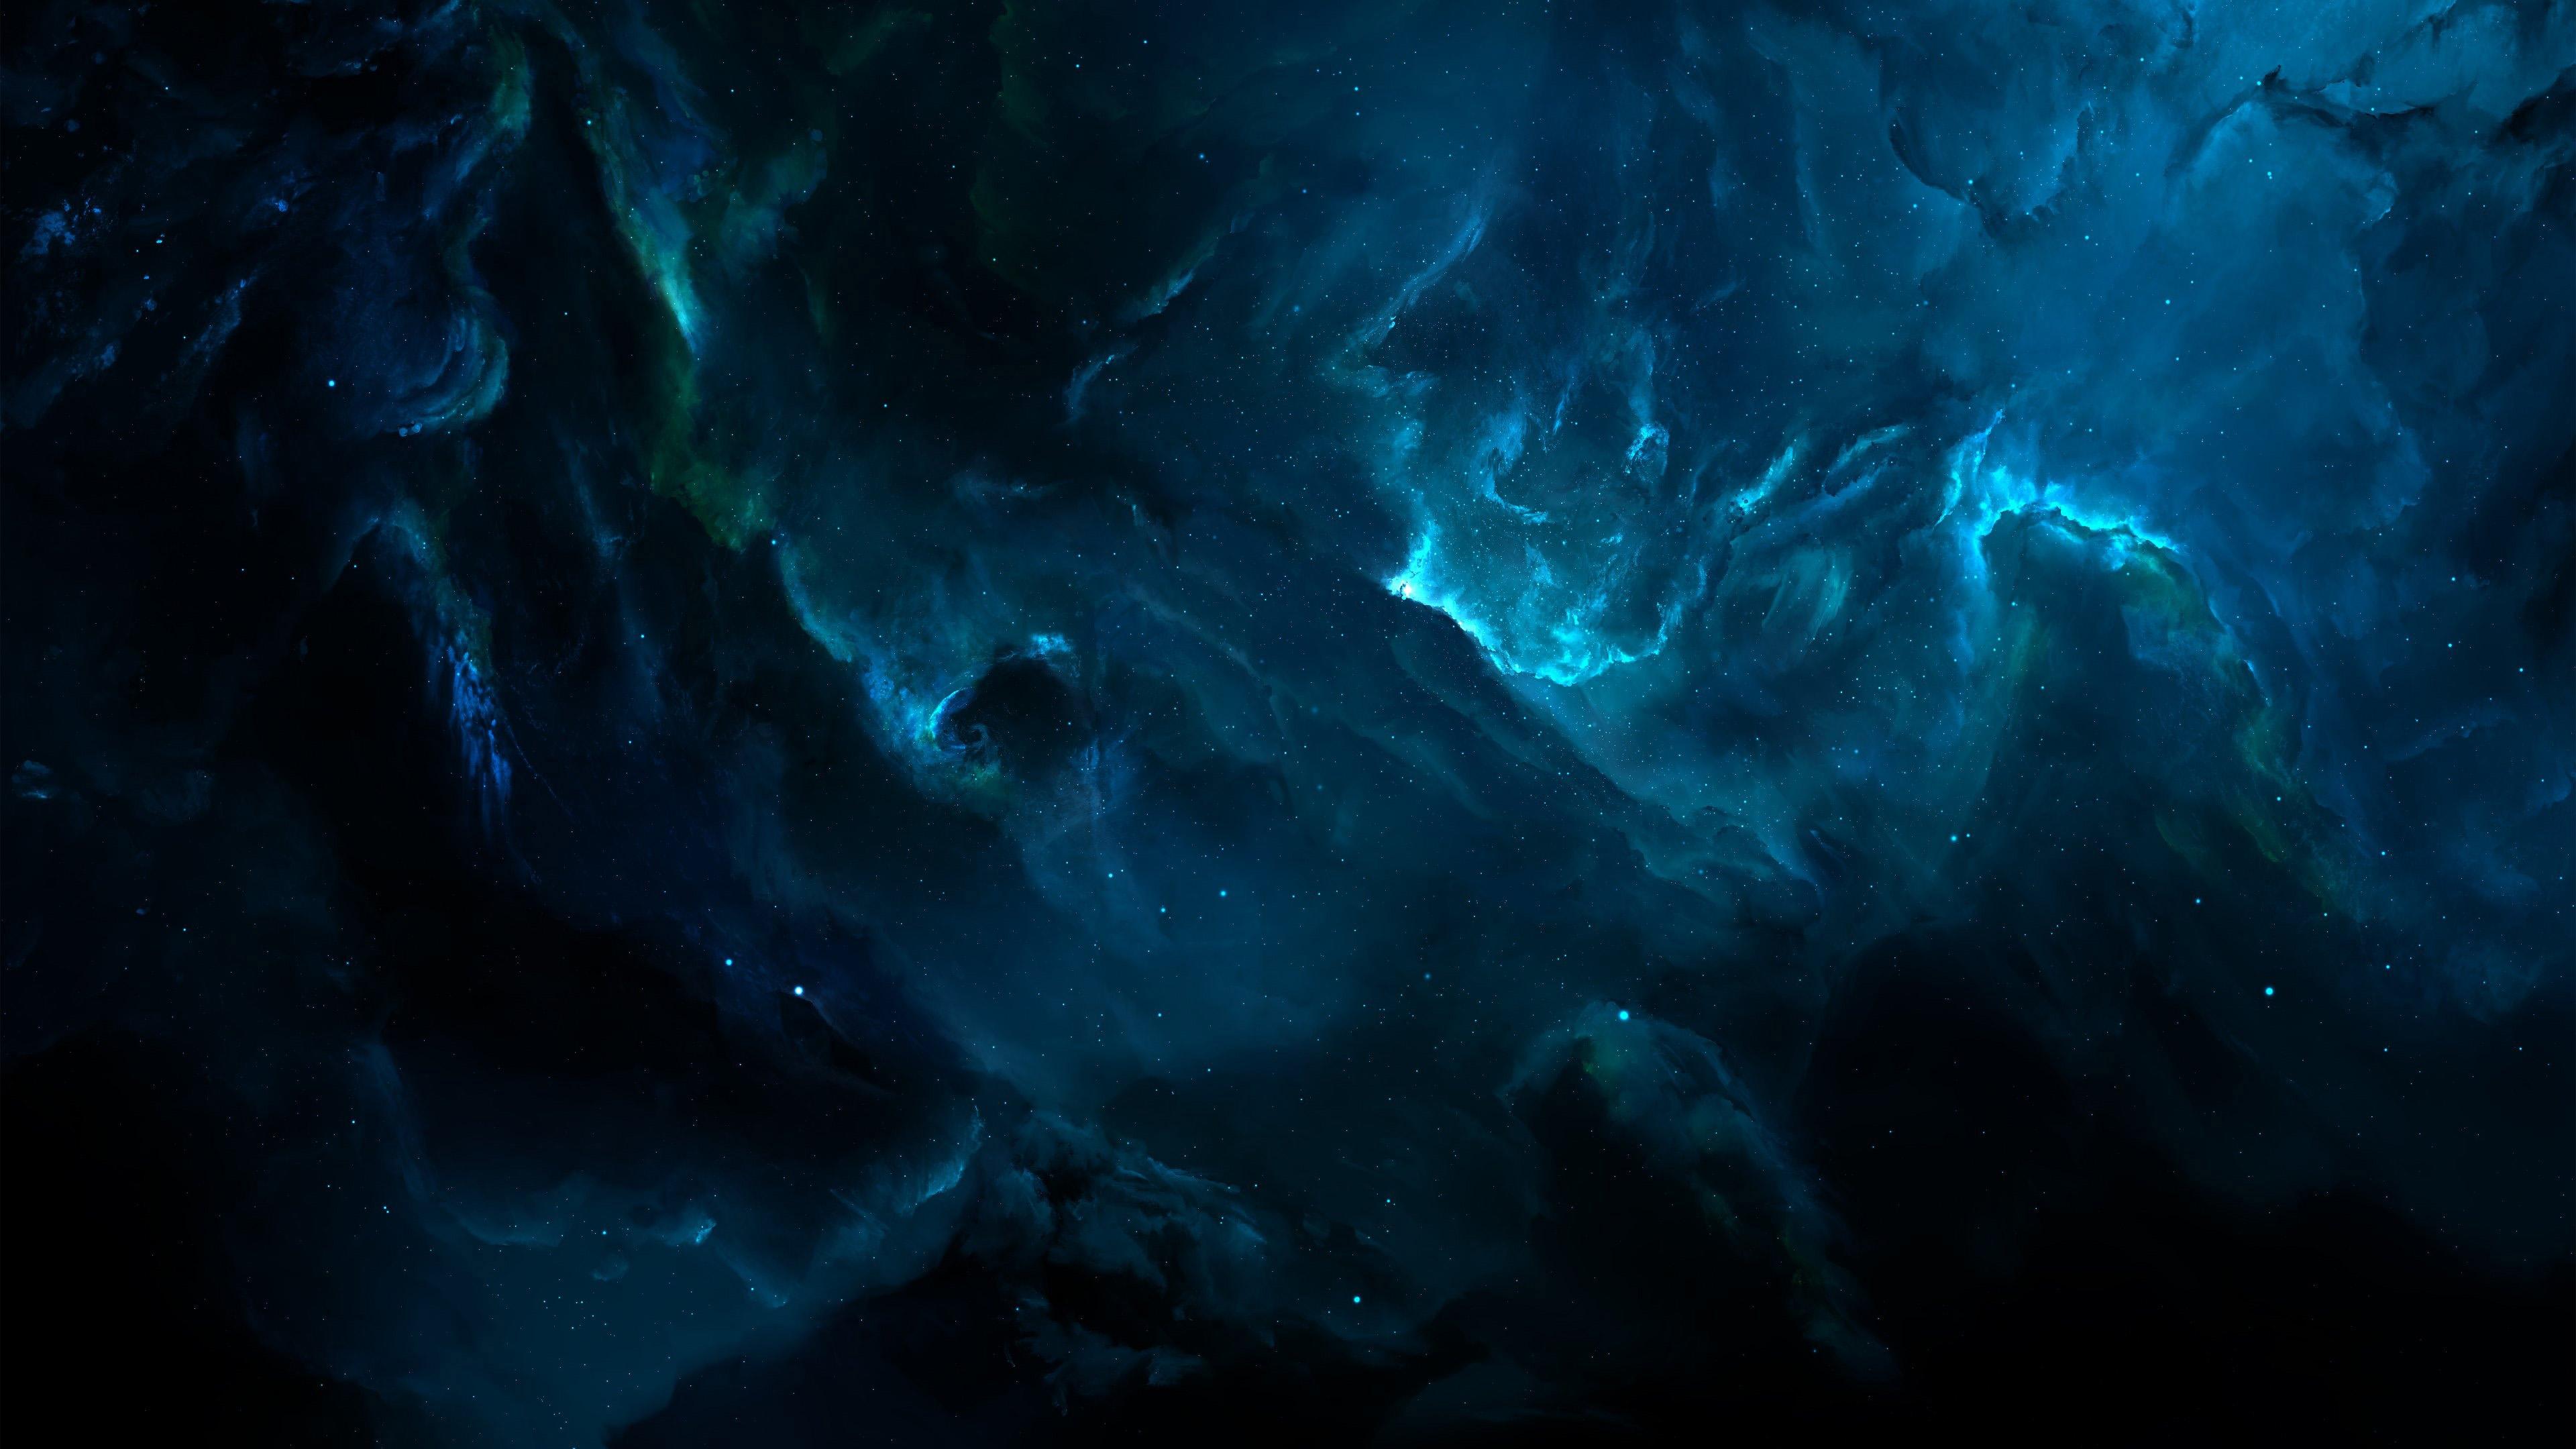 Свечение в воздушных слоях атмосферы и блеск звезд золотых